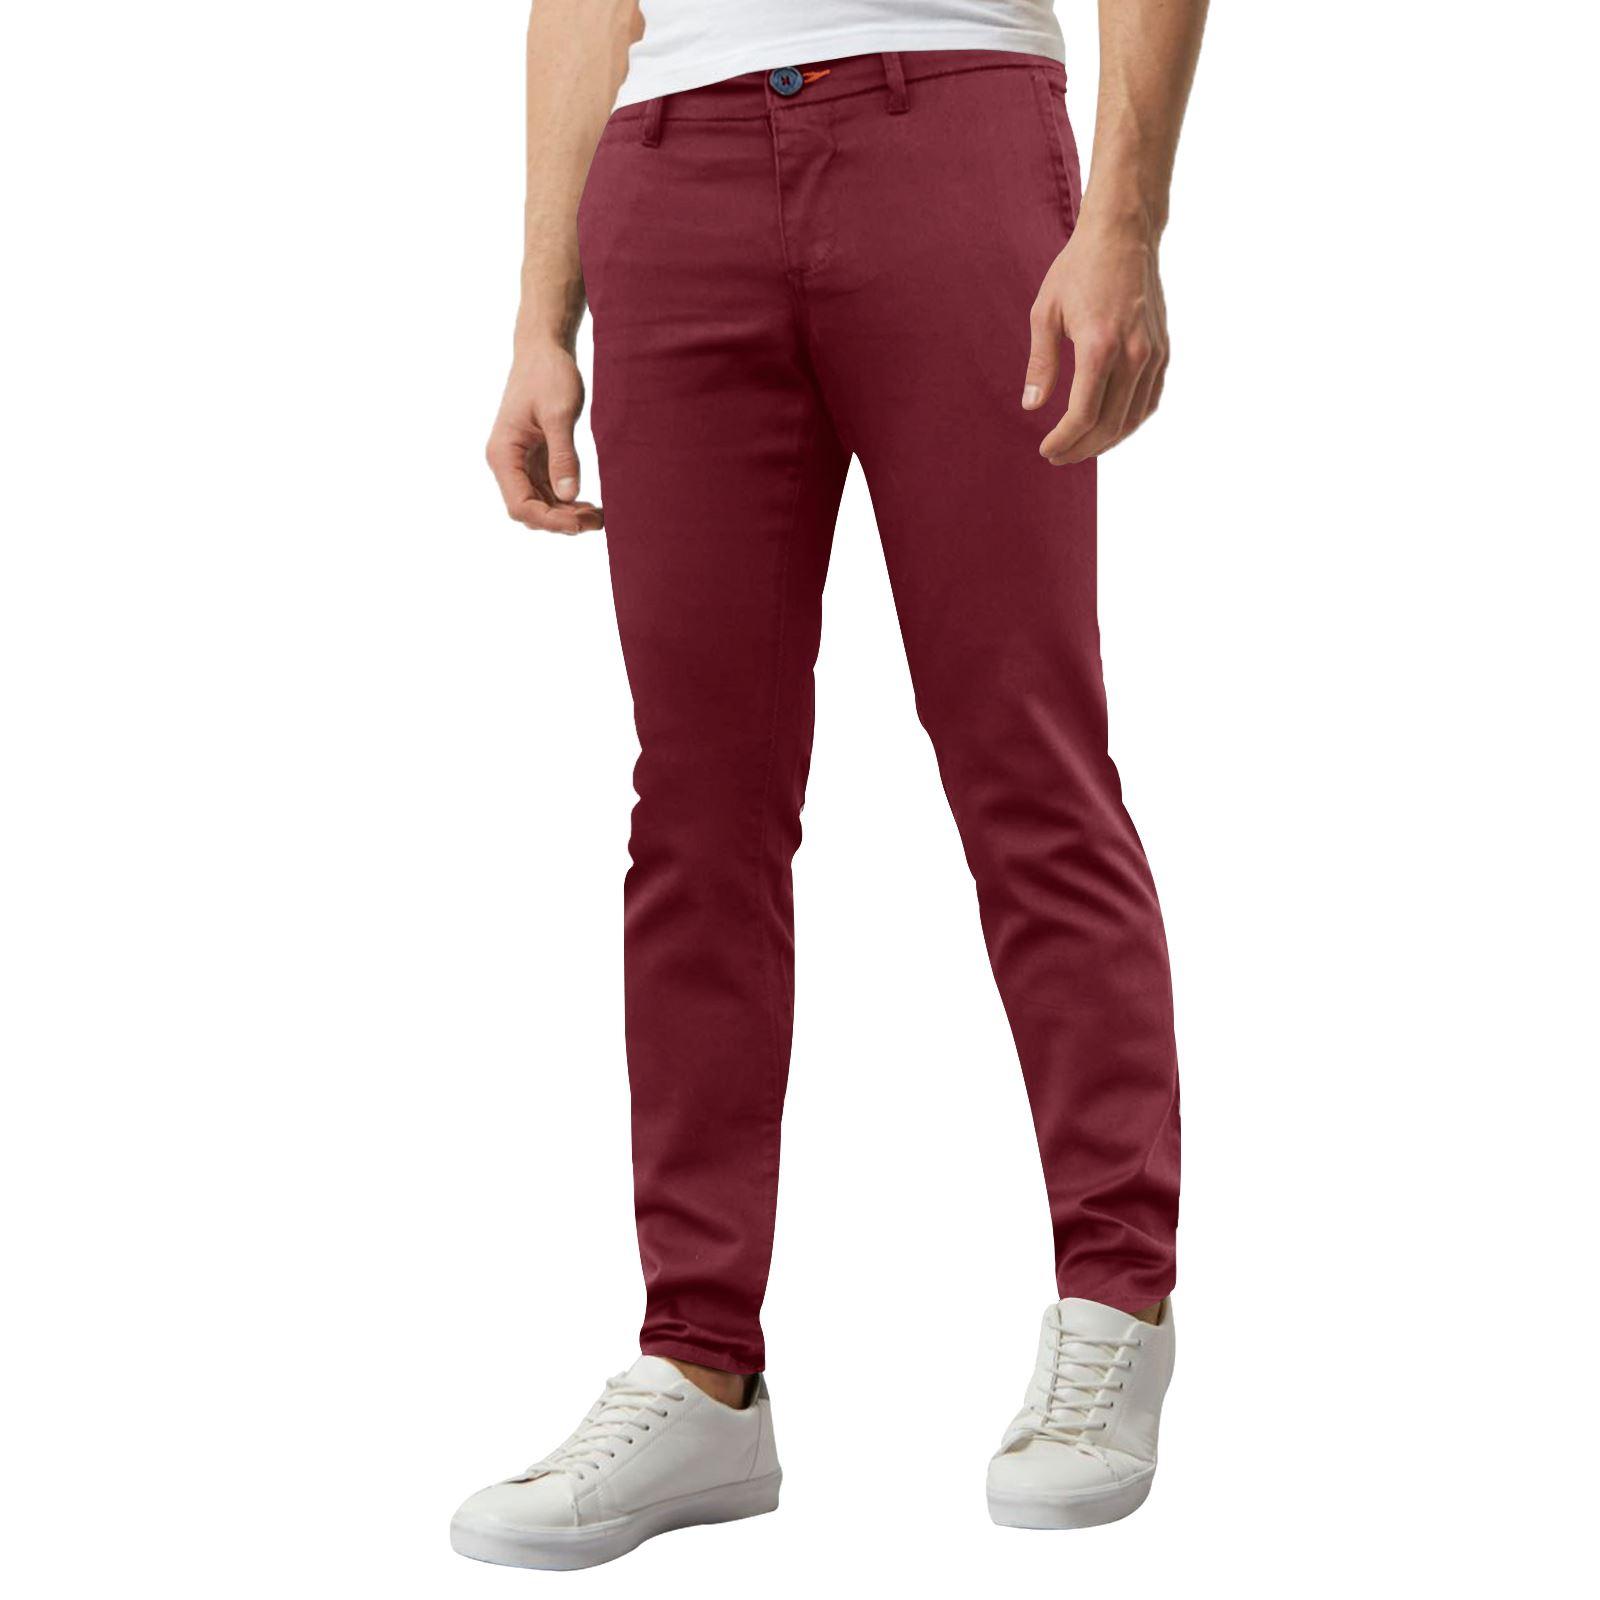 Nouveau-Homme-Pantalon-Chino-Skinny-stretch-super-slim-fit-jeans-homme-30-40-Pantalon miniature 5